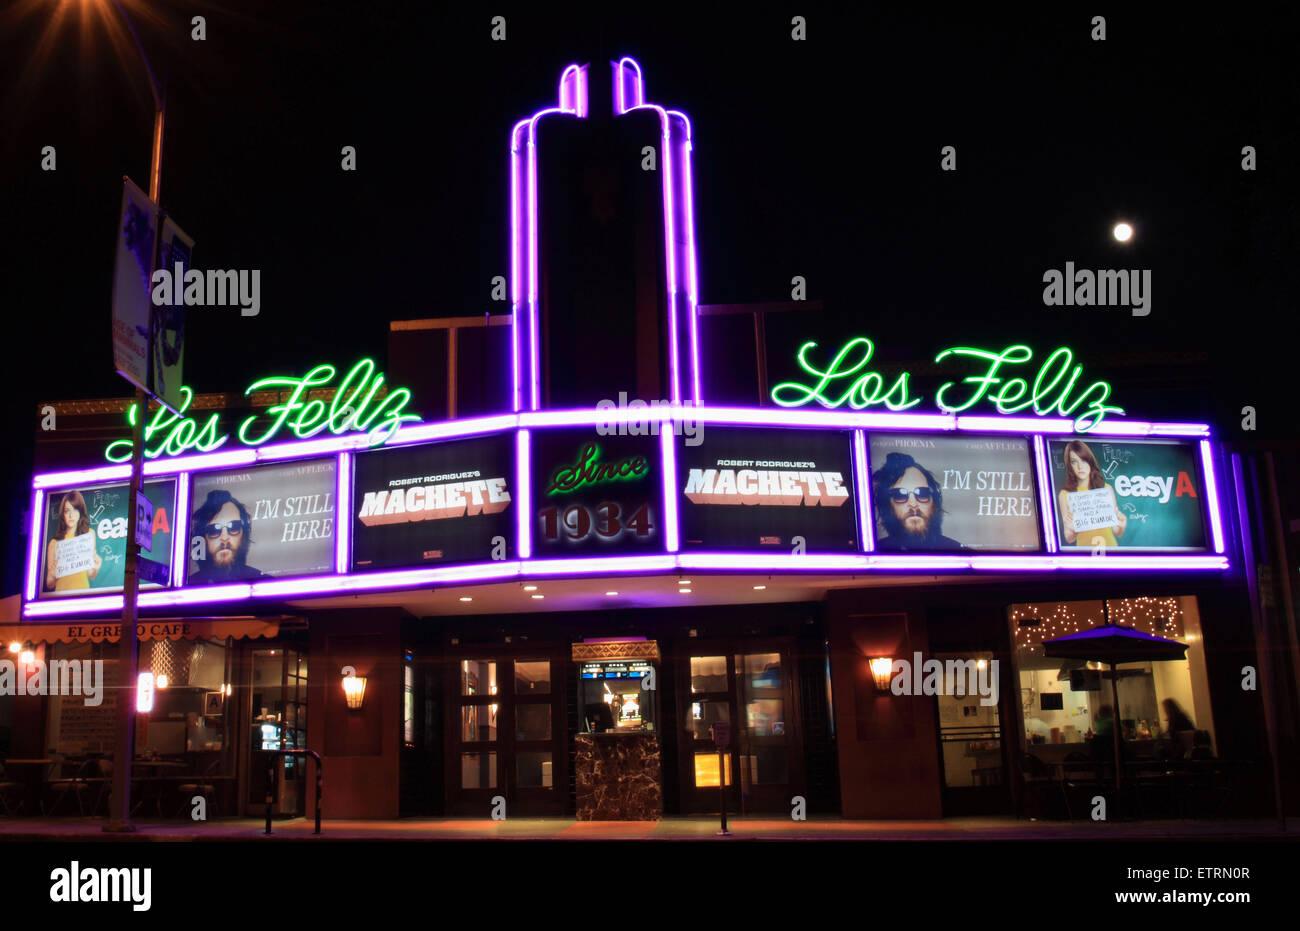 Fotografía nocturna: Los Feliz, Los Angeles, California Imagen De Stock